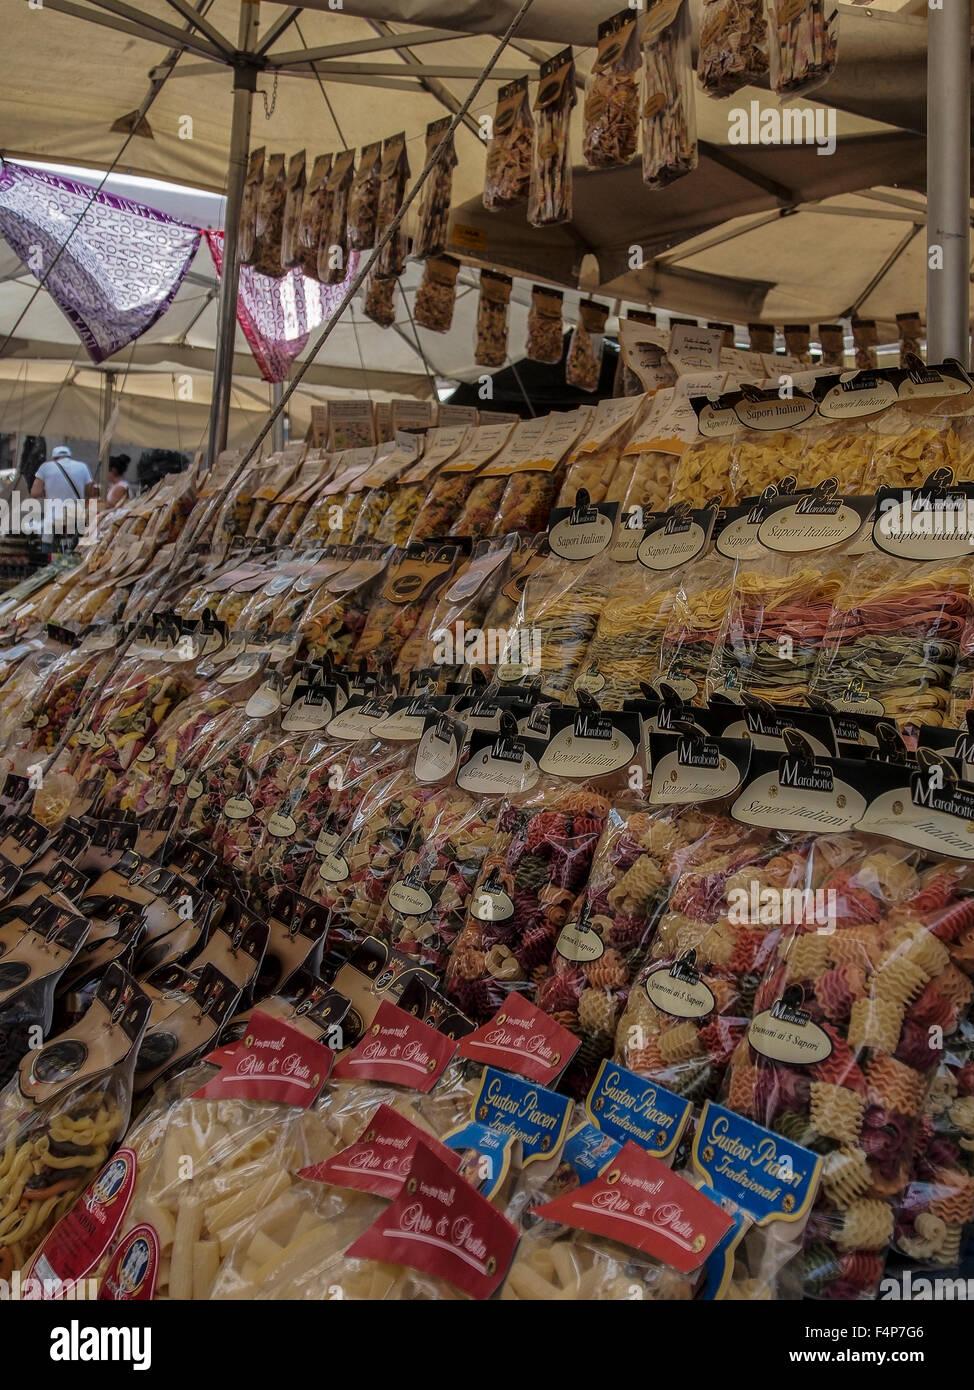 Pasta for sale at Mercato Campo de' Fiori Market in Rome - Stock Image